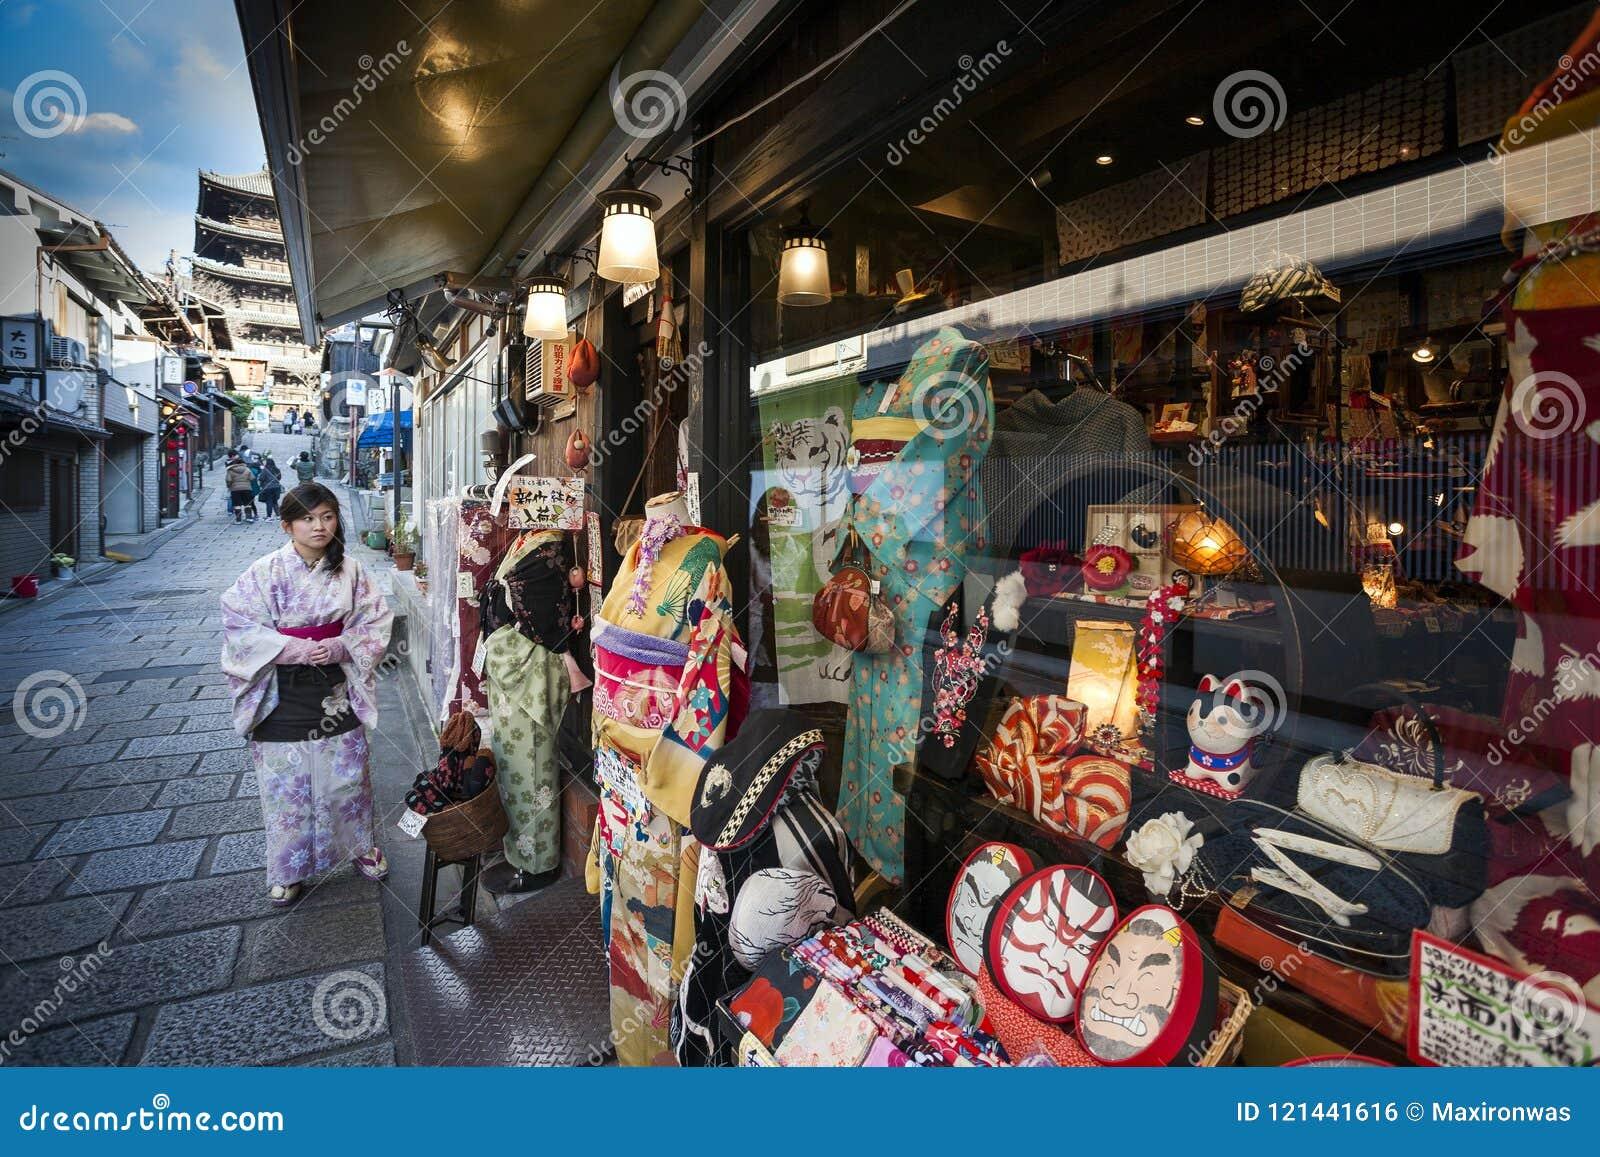 Japan - Kyoto - The Gion neighborhood and geisha